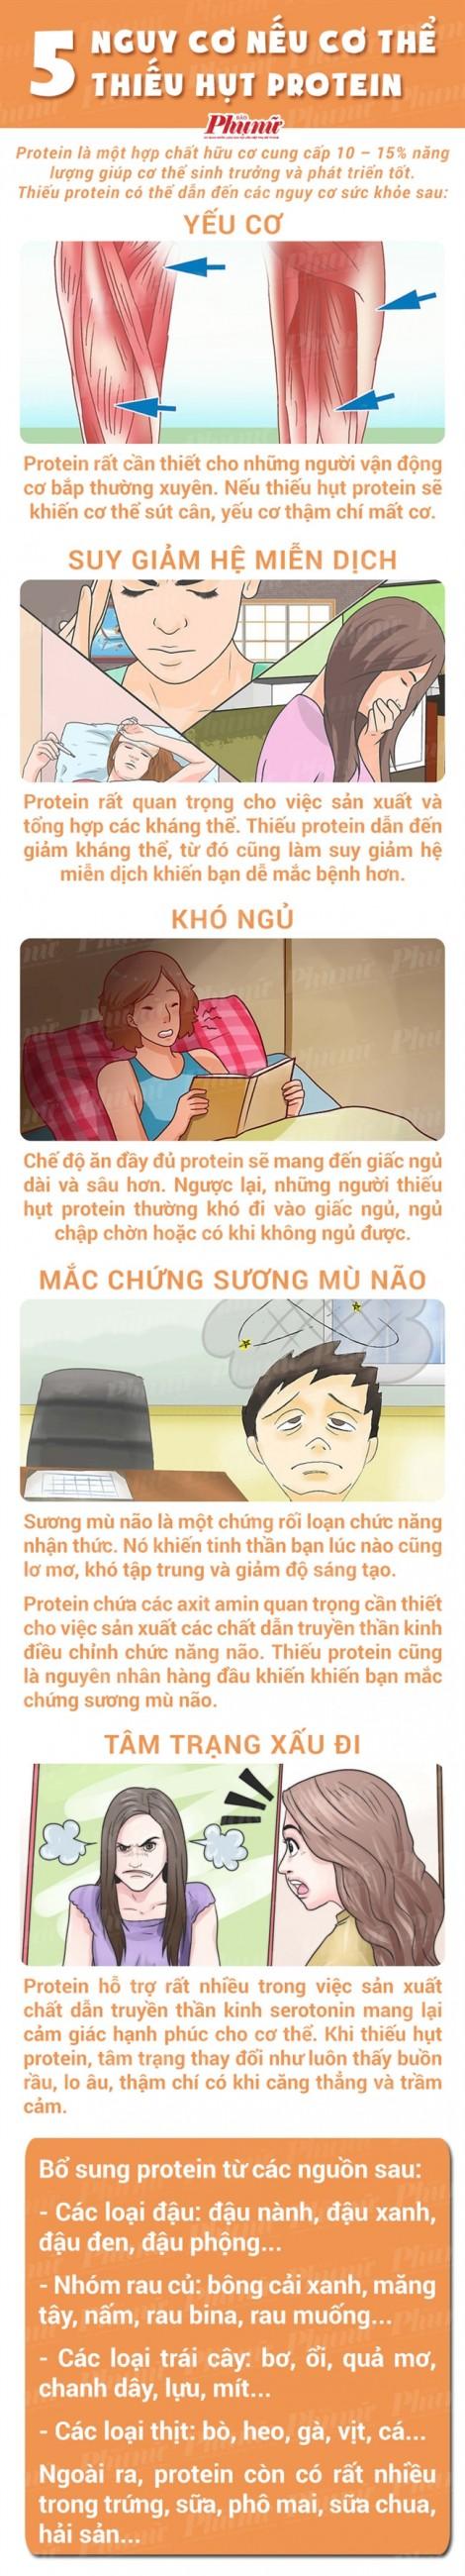 Cơ thể sẽ ra sao nếu thiếu hụt protein?